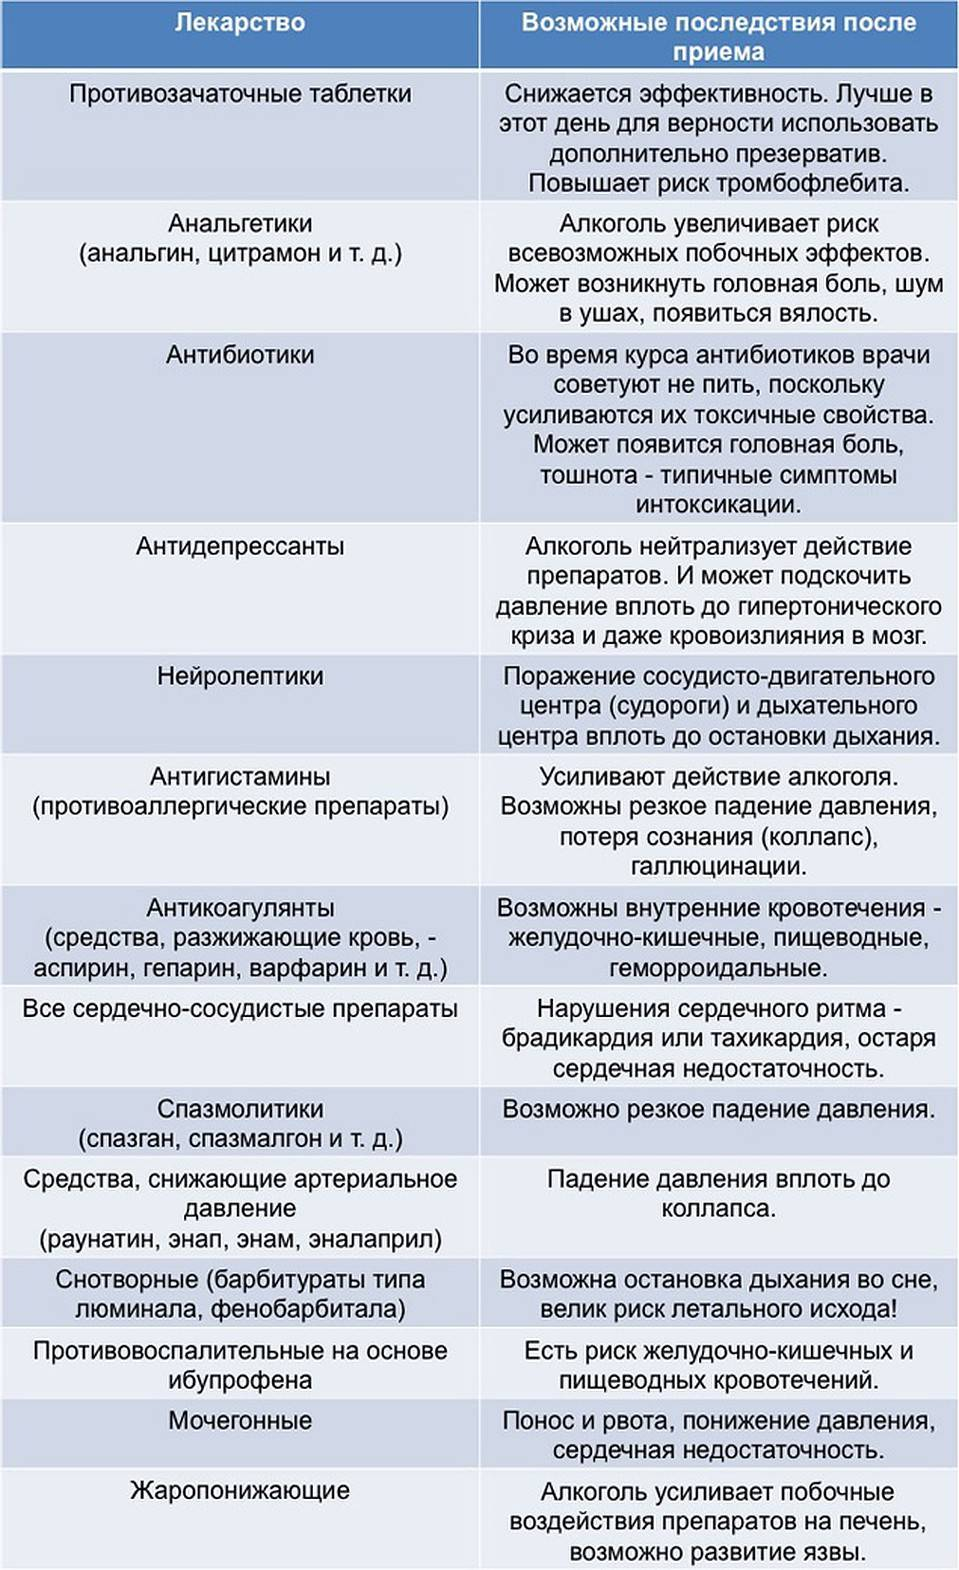 Медикаментозная брадикардия